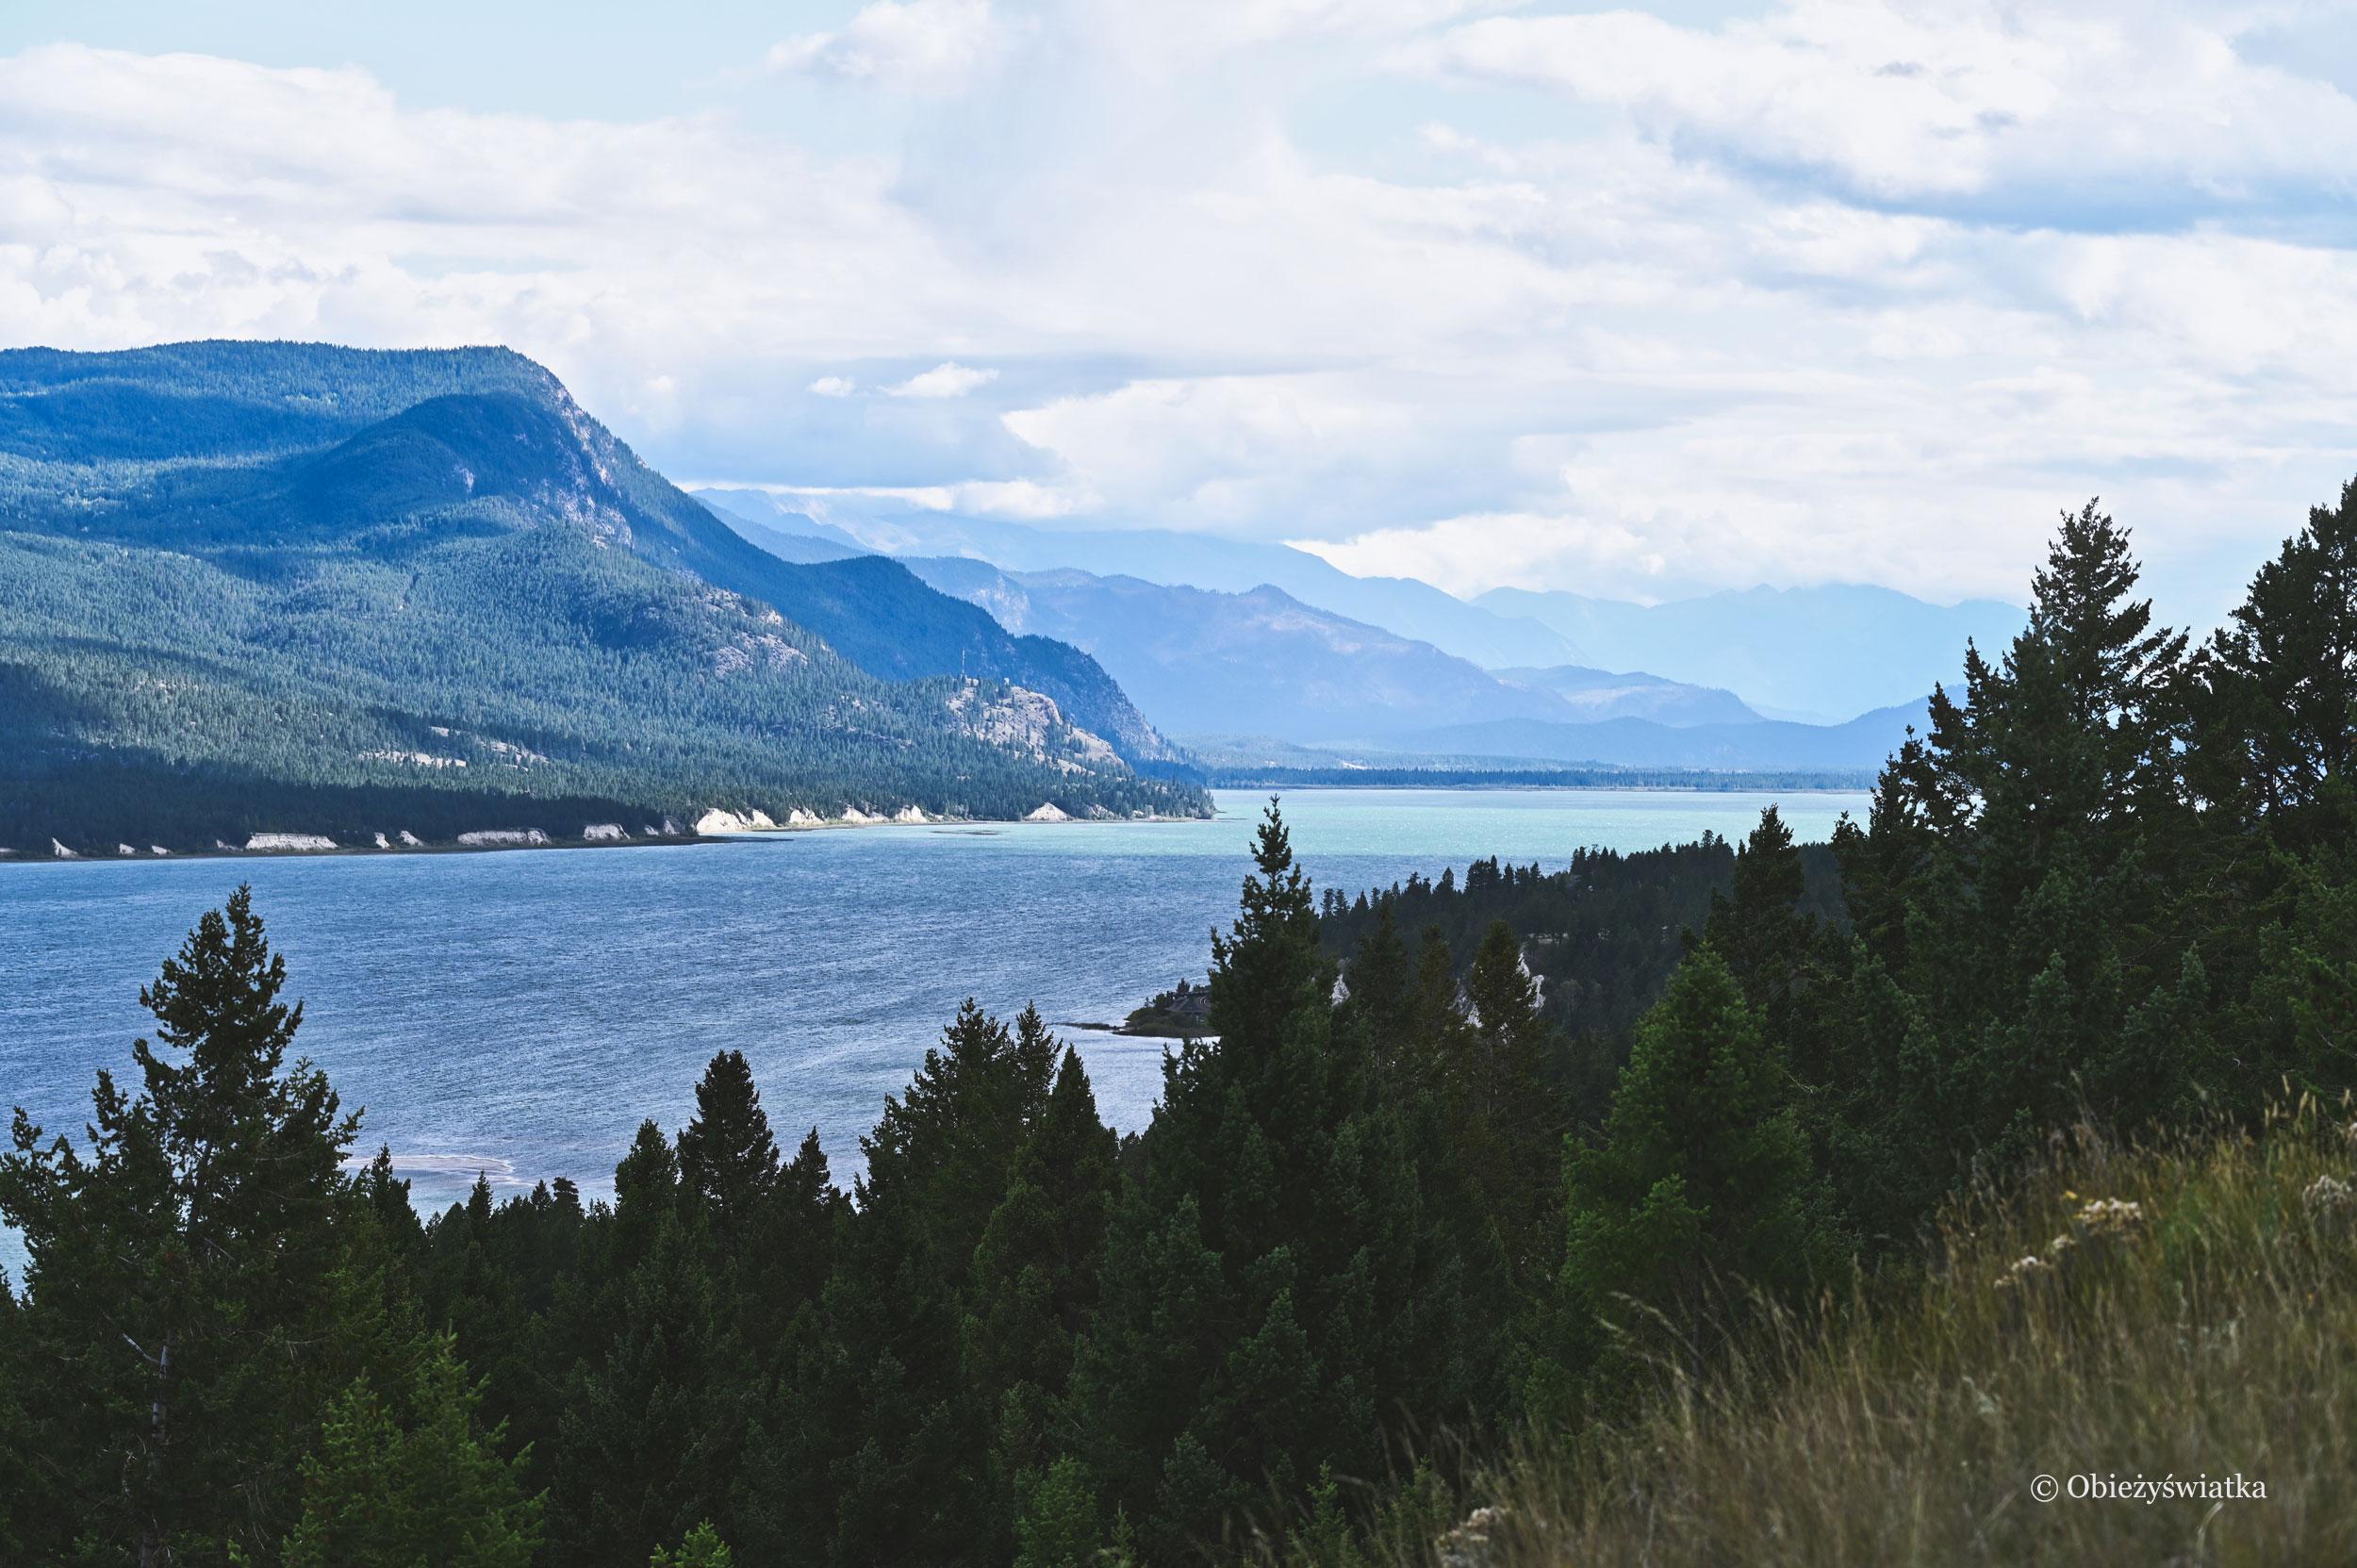 Columbia Lake - Jezioro Kolumbia, źródło rzeki Kolumbia w Kanadzie